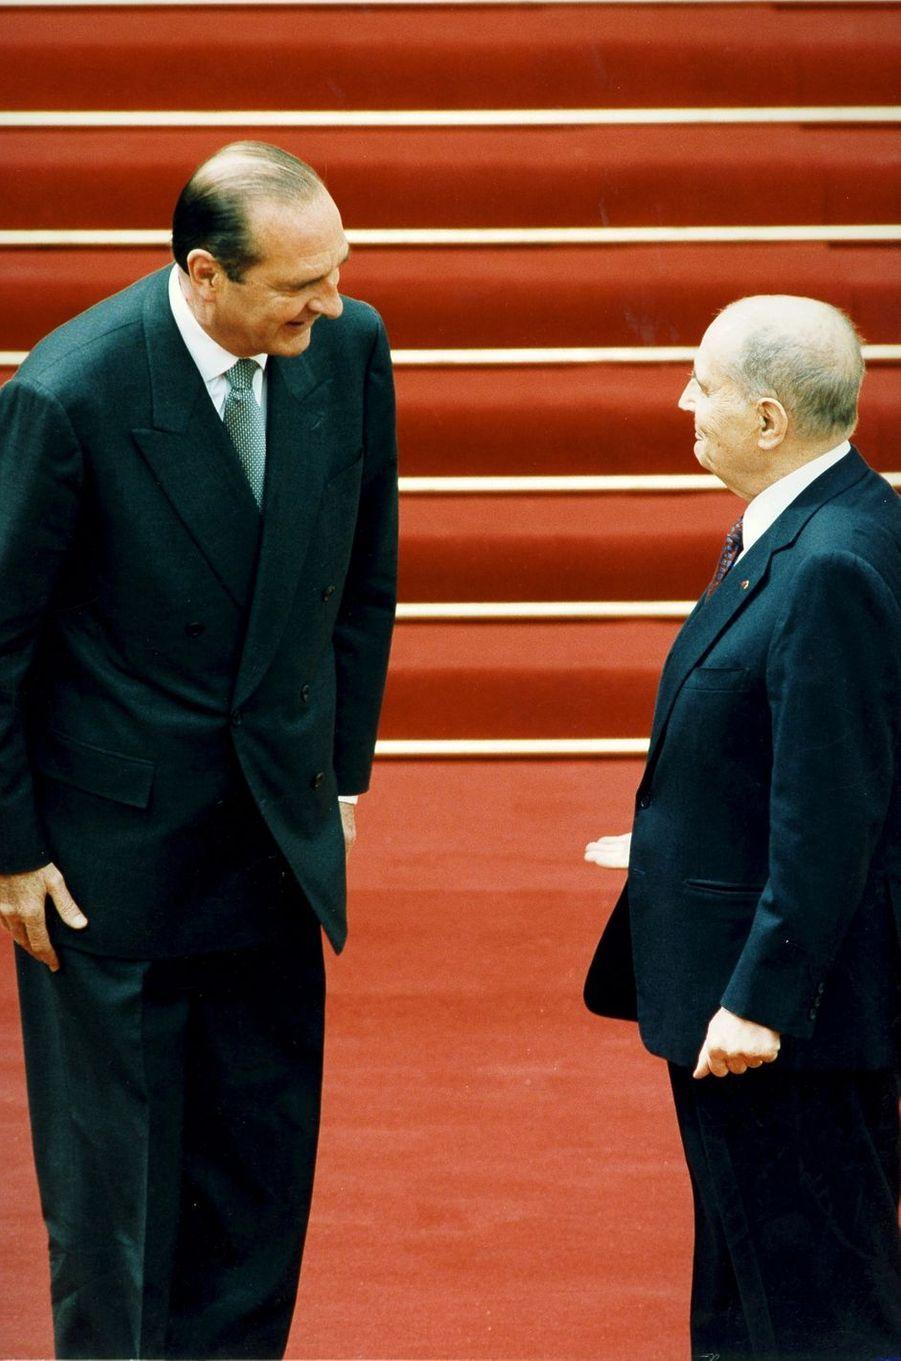 17 mai 1995.La passation des pouvoirs entre le président sortant François Mitterrand et le président élu Jacques Chirac à l'Elysée : les deux hommes se sourient sur le tapis rouge après la cérémonie à l'intérieur du palais.